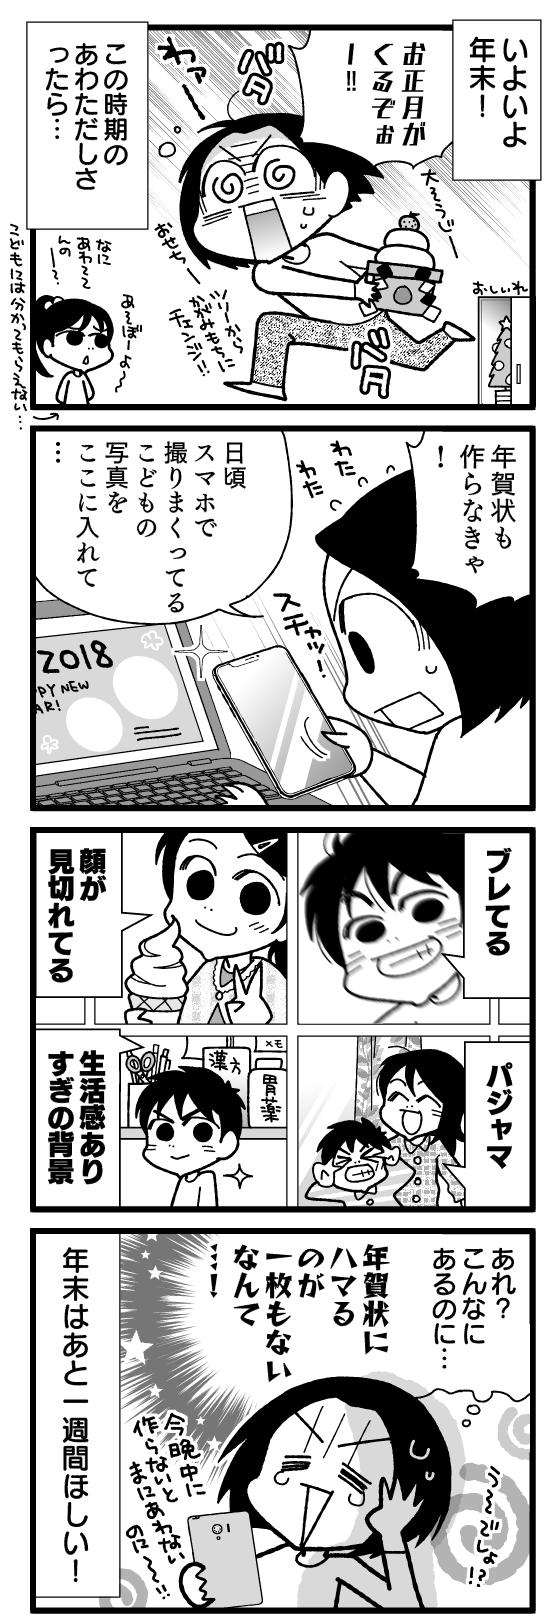 漫画『怒涛のにゅーじヨージ』Vol.186「深夜の年賀状づくり」 1コマ目